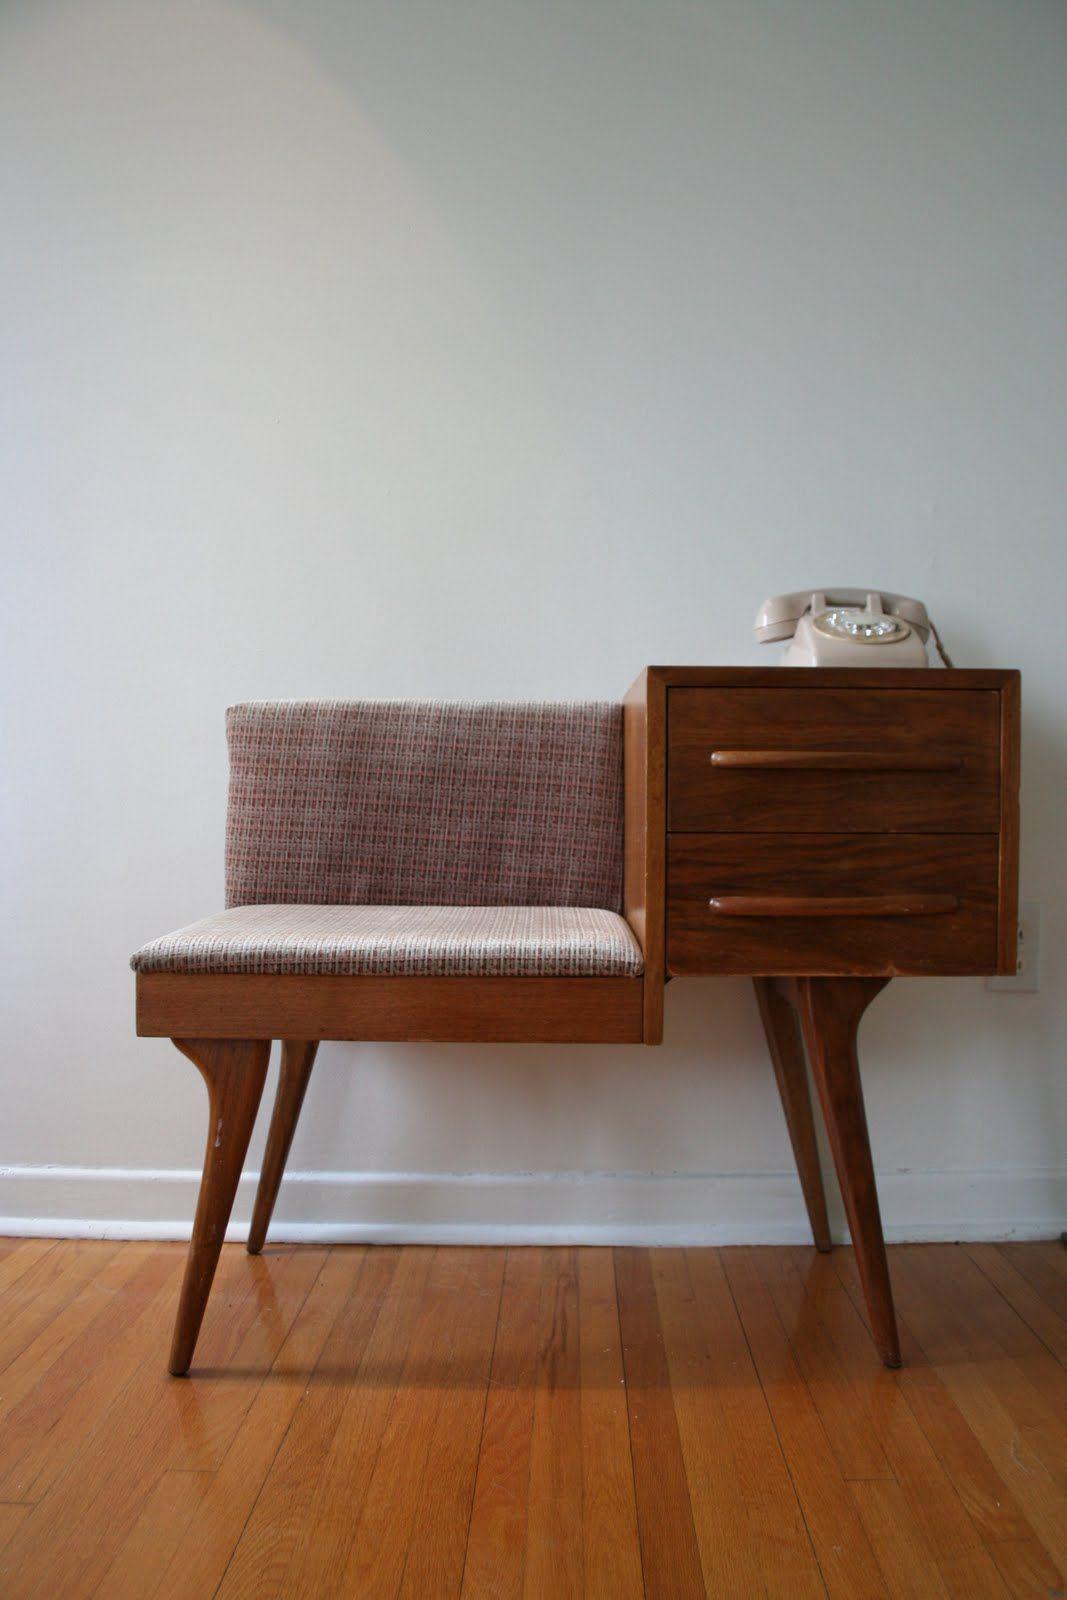 Mueble Retro Mobilier De Salon Deco Maison Decoration Interieure